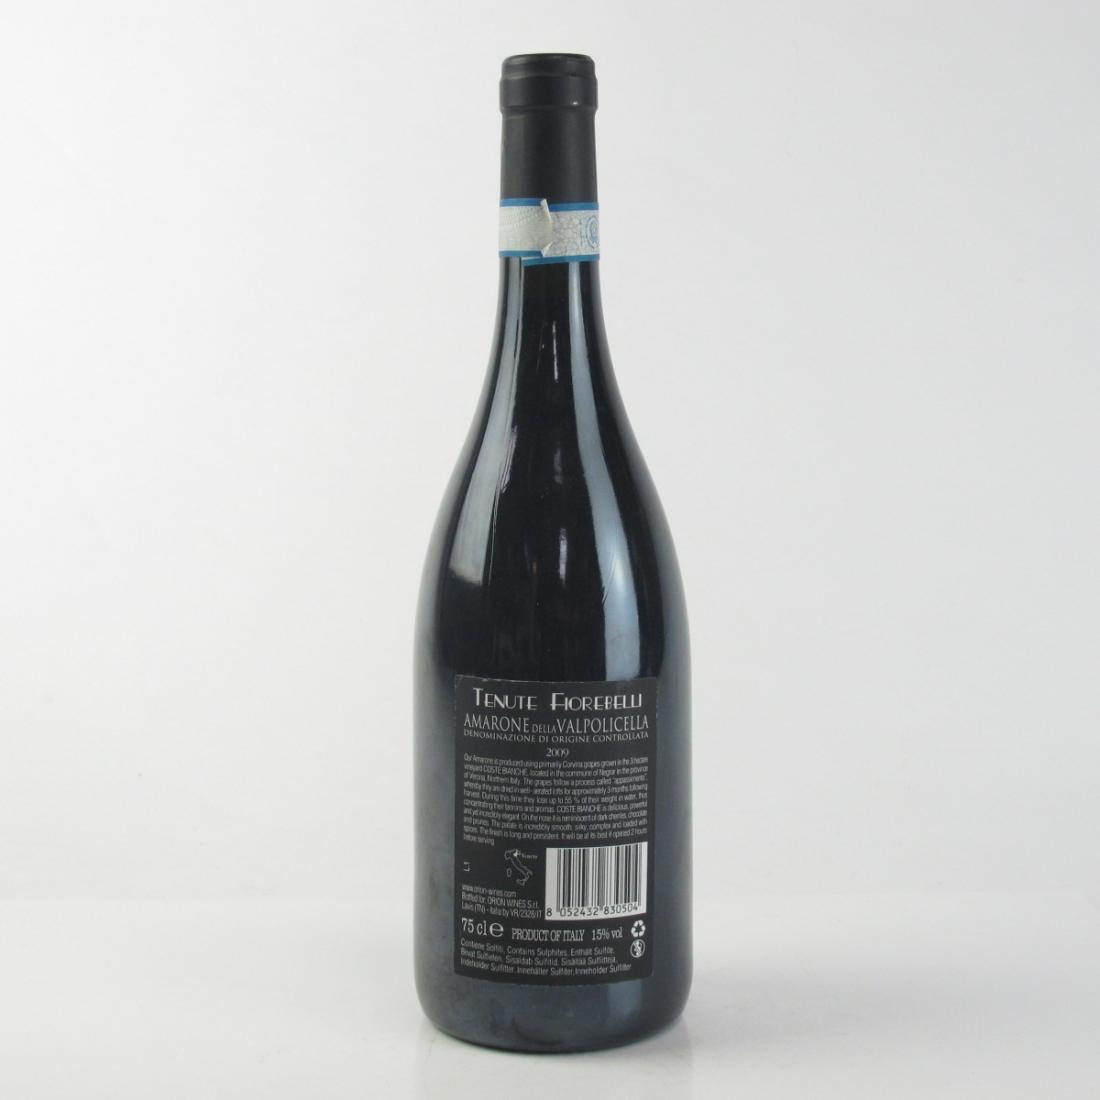 """Fiorebelli """"Coste Bianche"""" 2009 Amarone"""